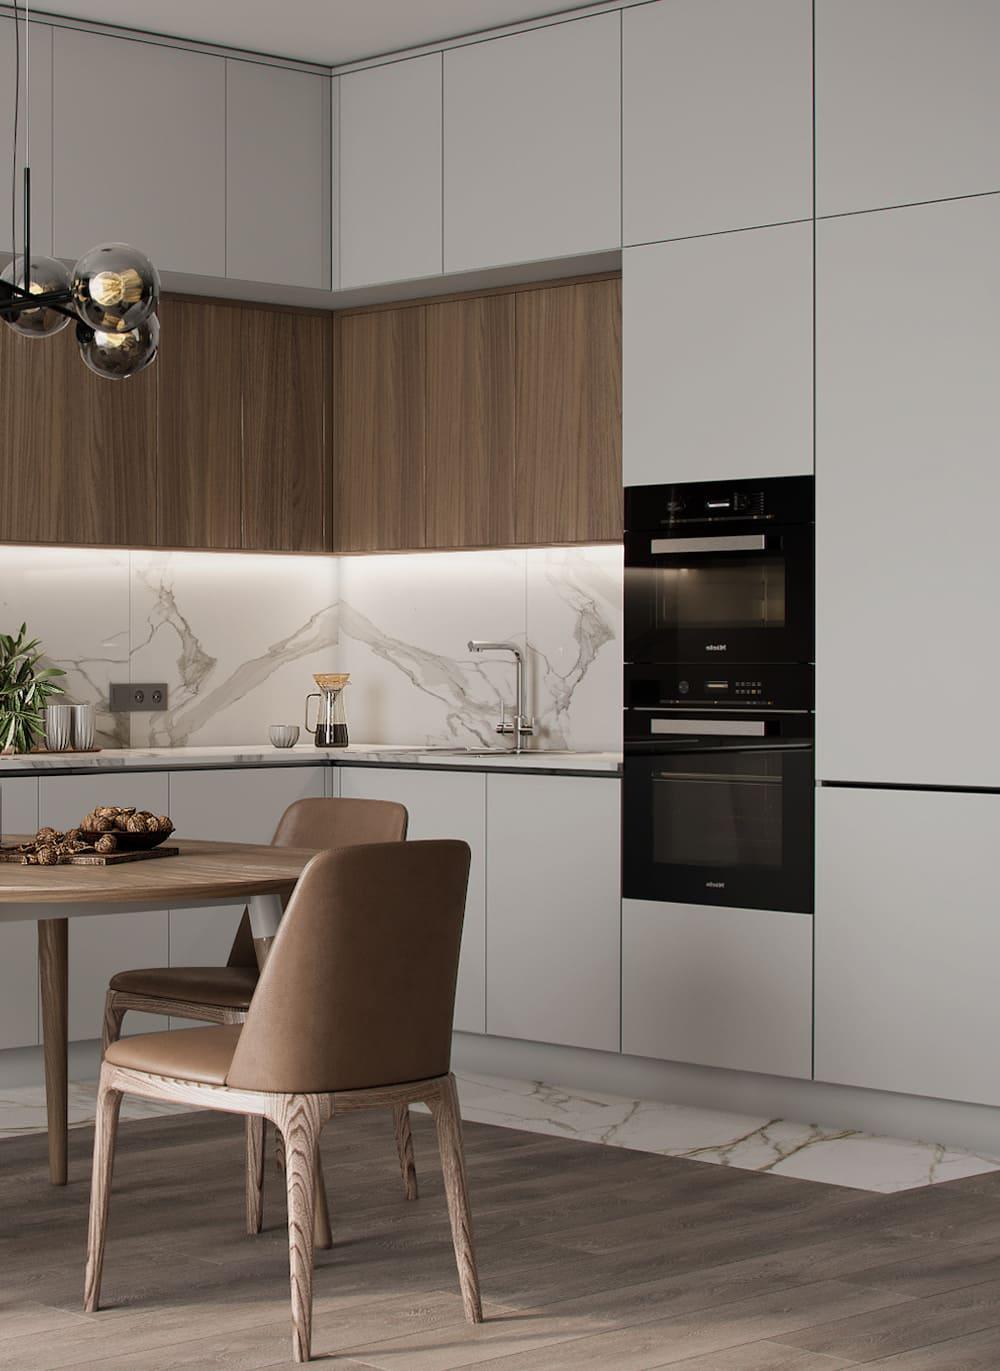 дизайн кухни в современном стиле фото 73